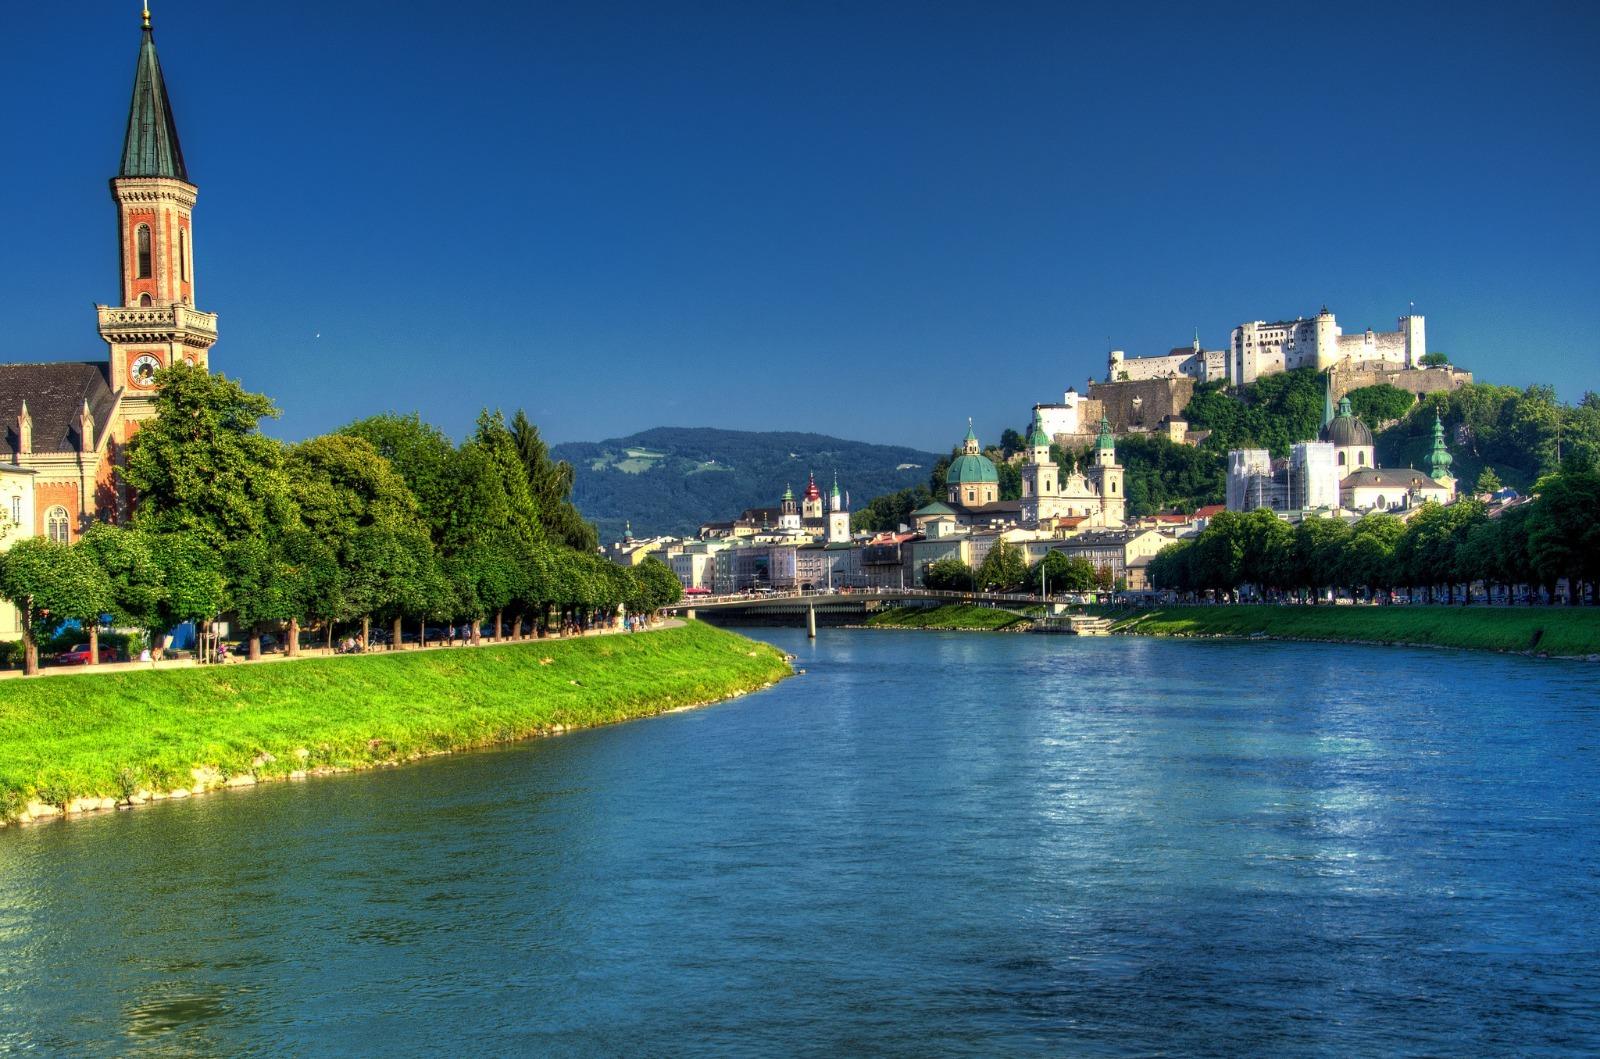 salisburgo12-1601384874.jpg